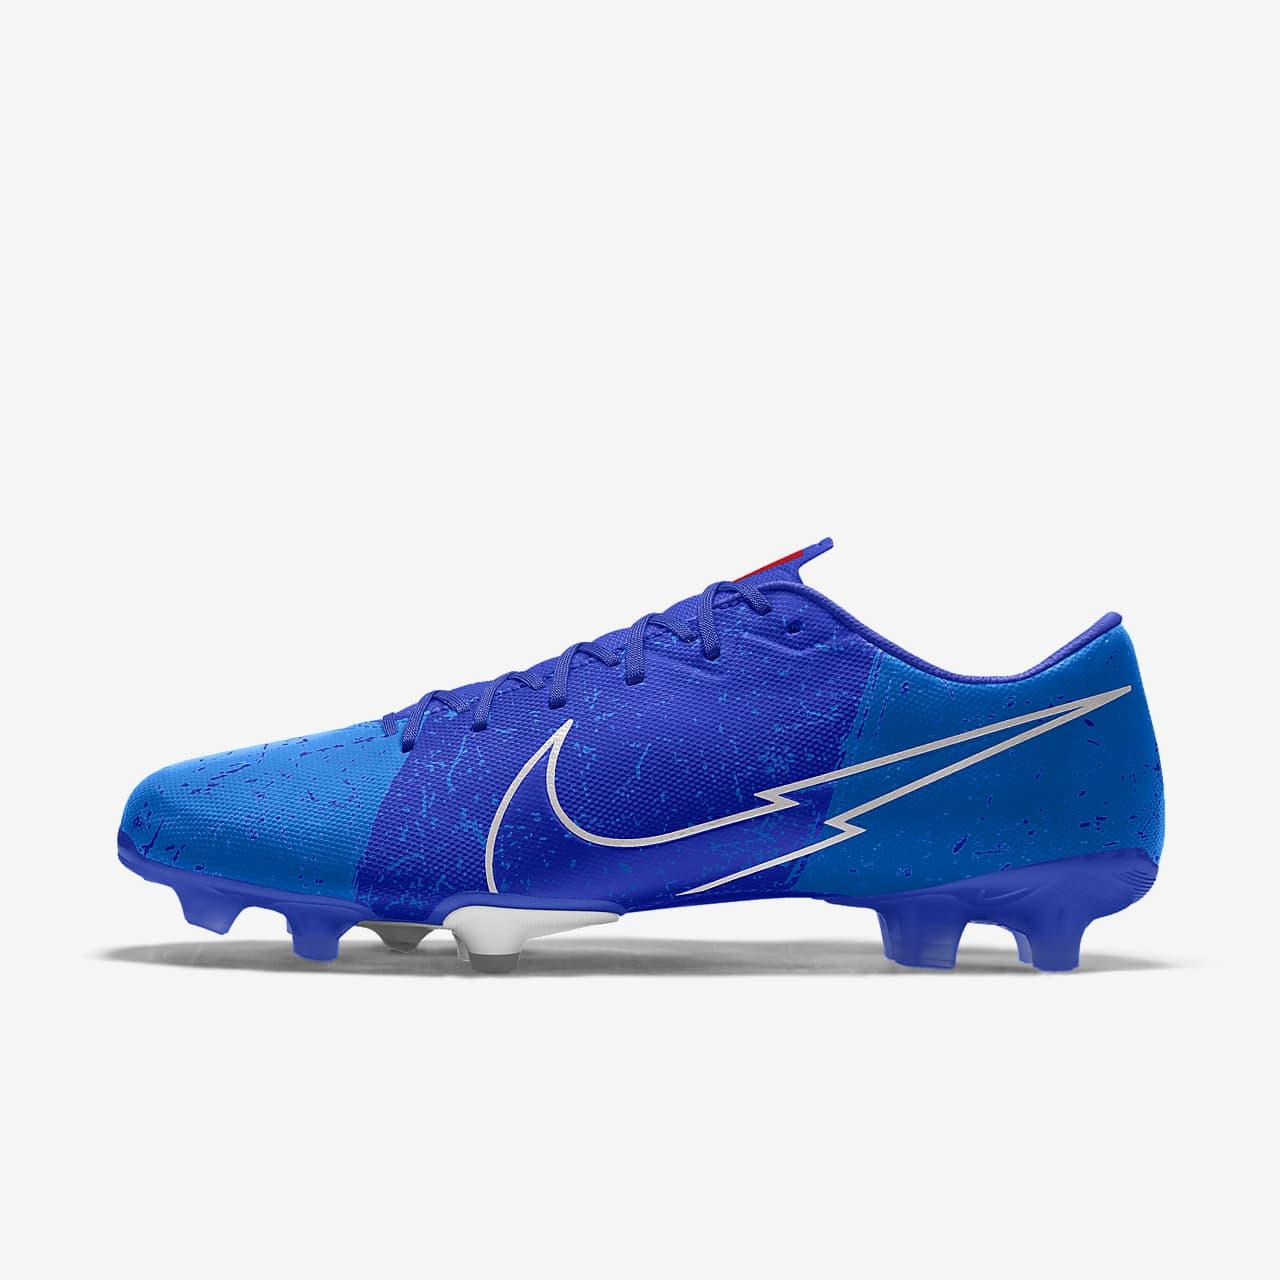 Nike Mercurial Vapor 13 Academy By You personalisierbarer Fußballschuh für normalen Rasen